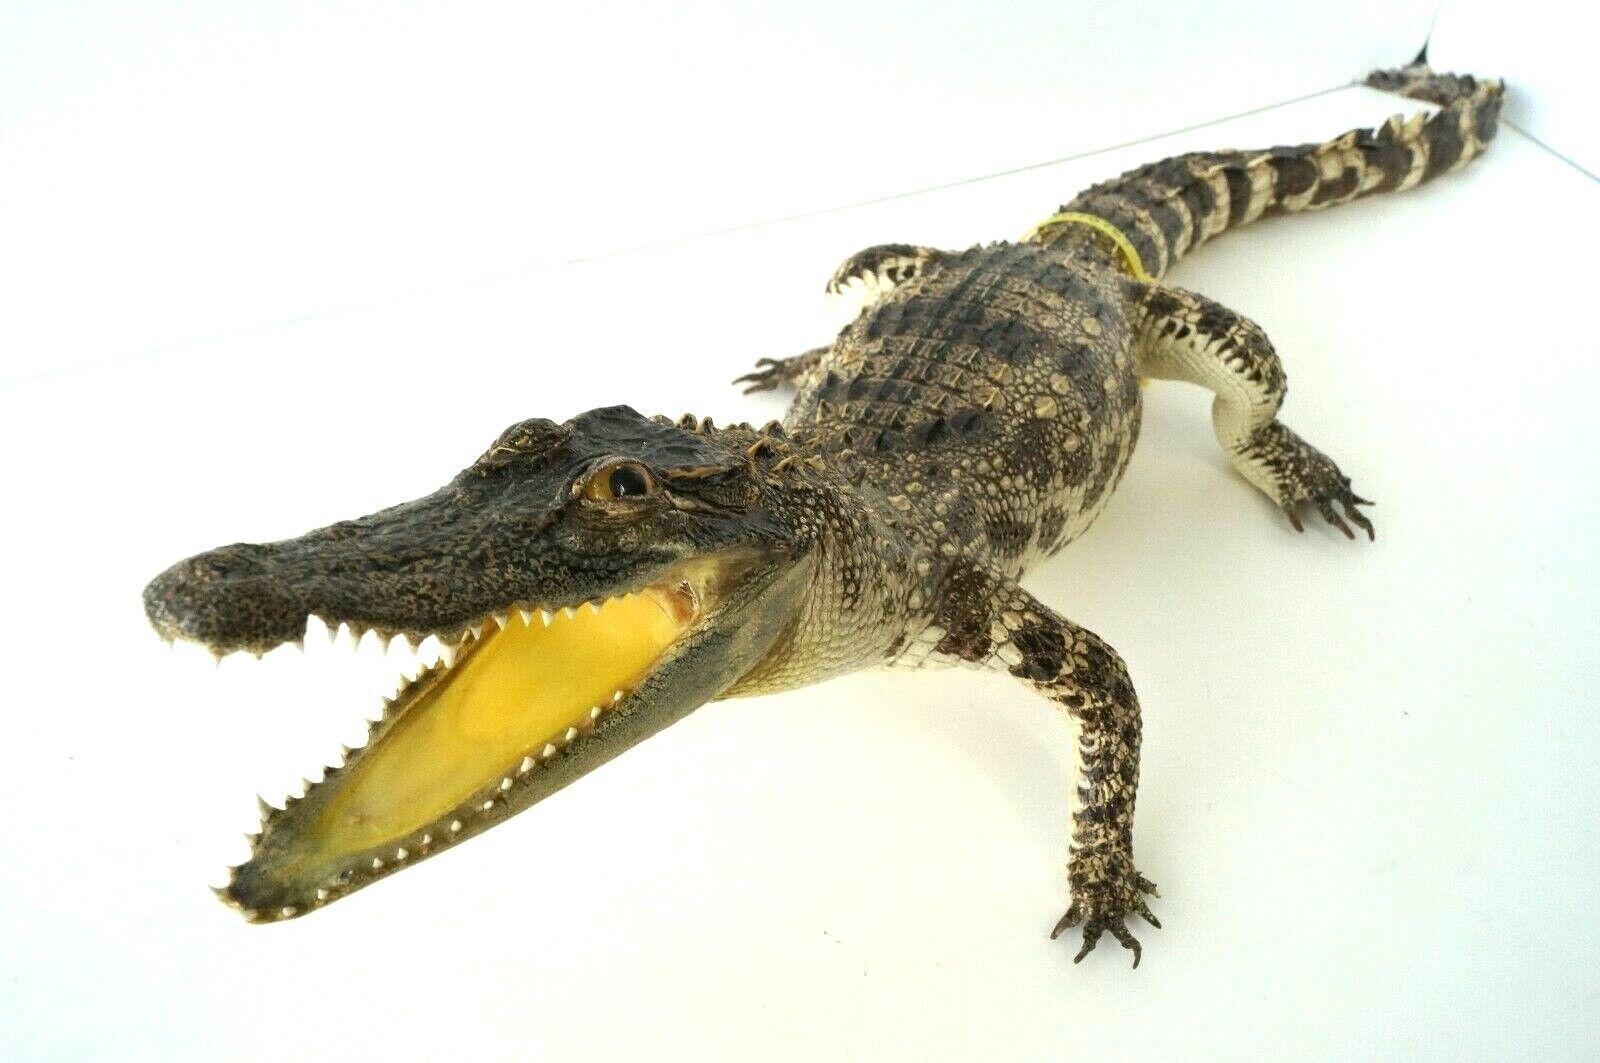 REAL TAXIDERMY CROCODILE 81cm STUFFED ANIMAL HOME DECOR GIFT UNIQUE EXOTIC RARE